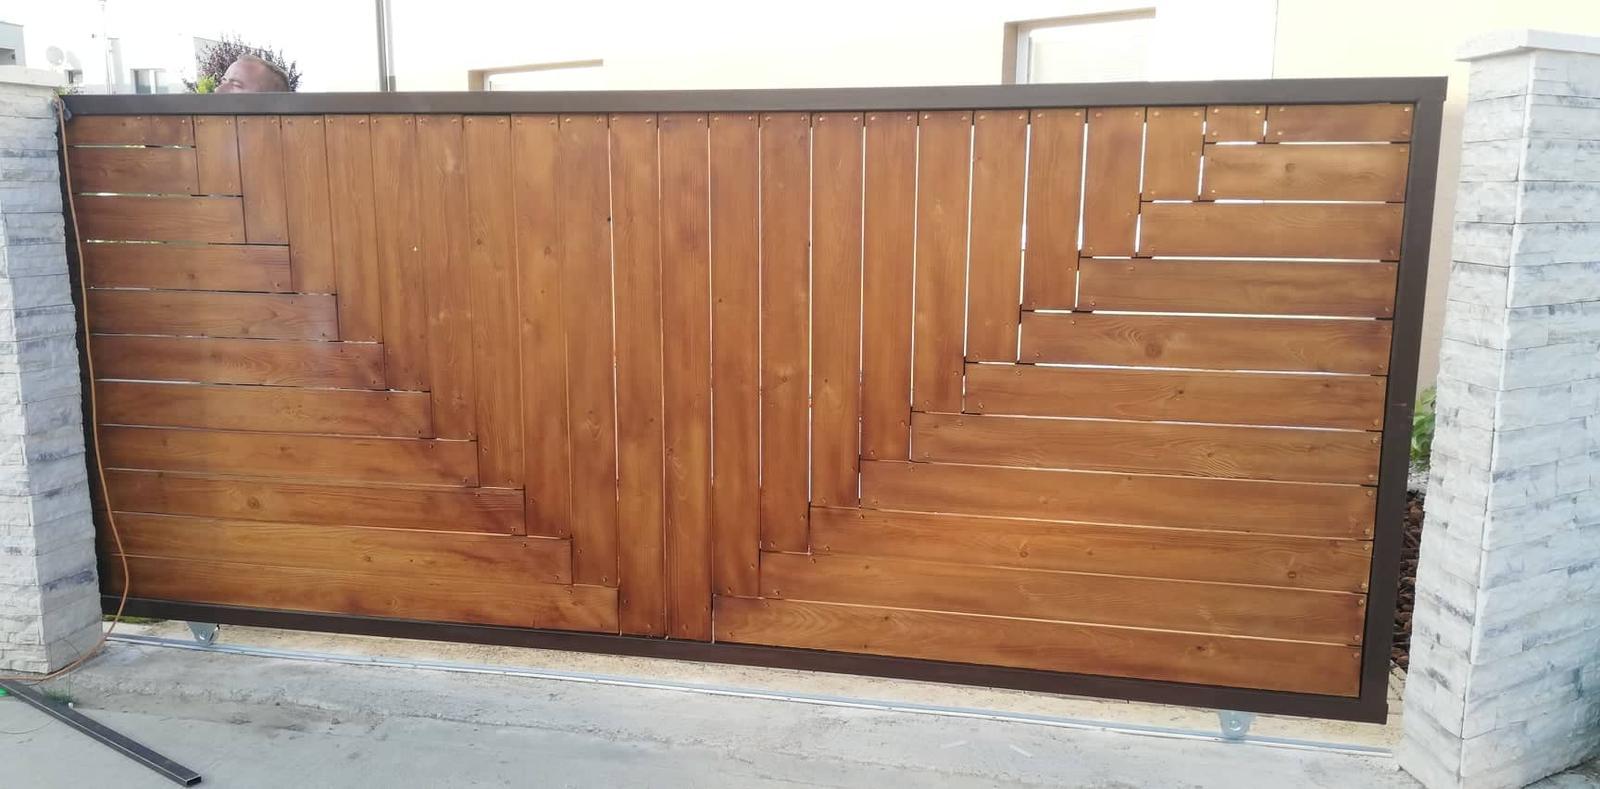 Posuvná brána + plotové výplne. Materiál smrek tzv parketový vzor - Obrázok č. 5